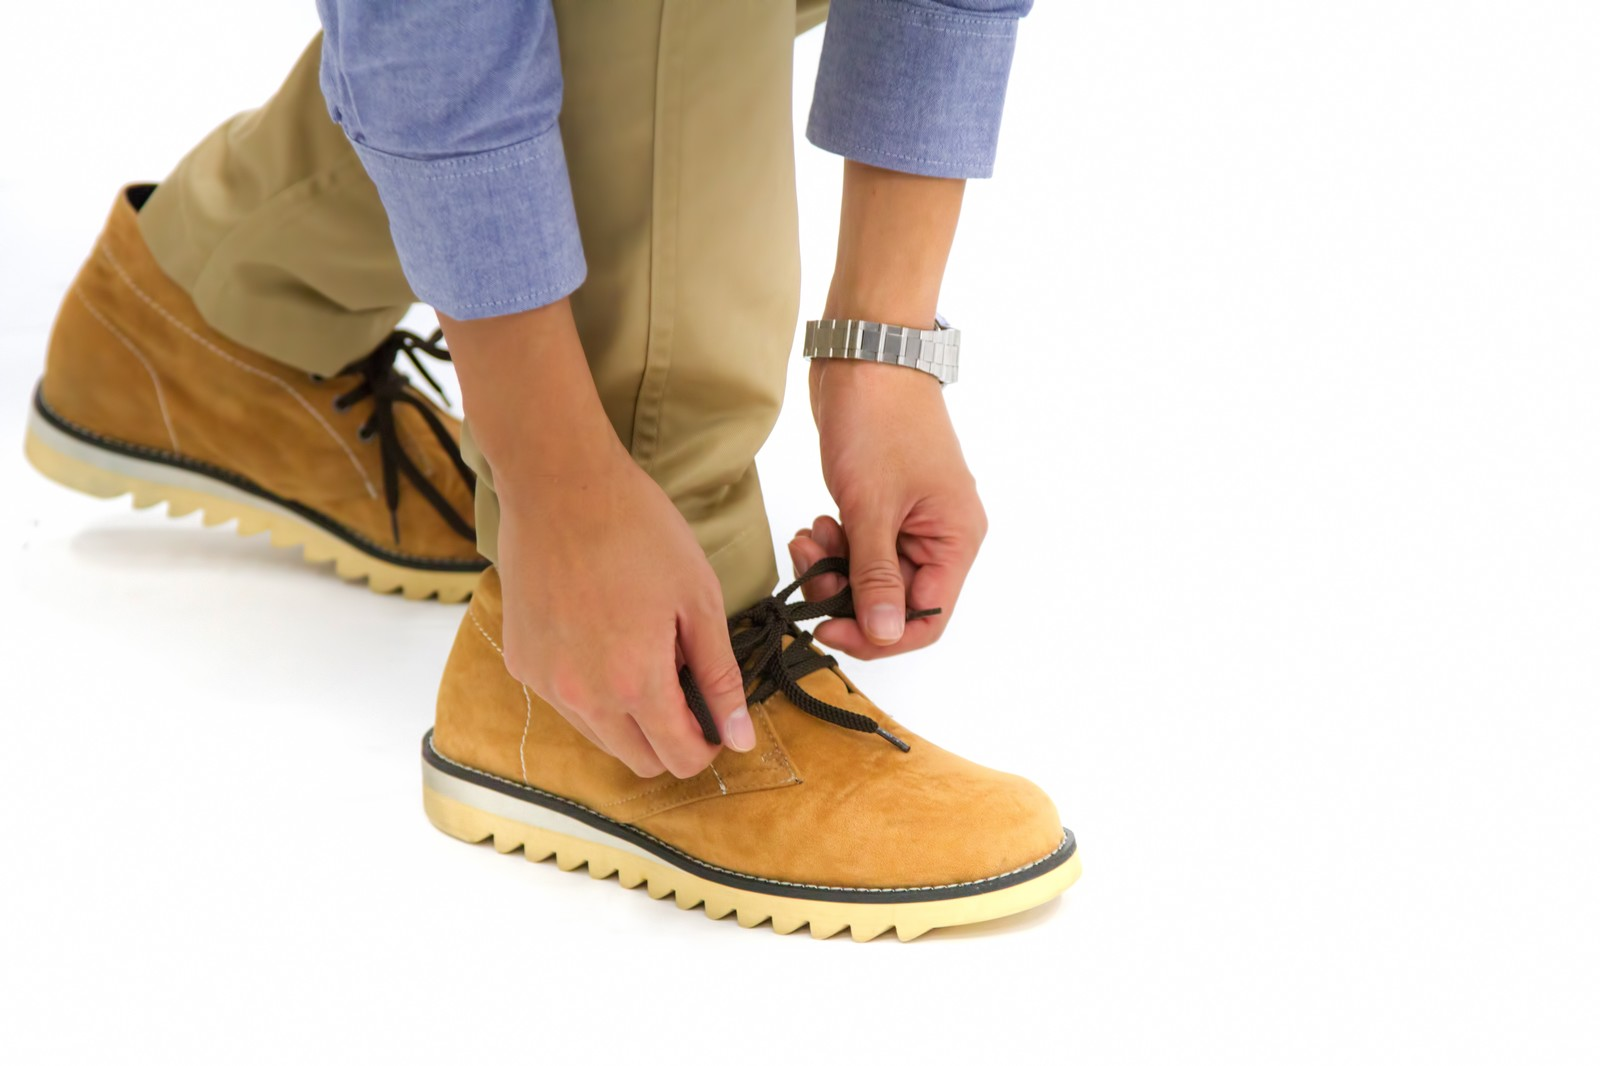 3月15日は靴の記念日です!日本で初めて洋靴が作られた日なんです!